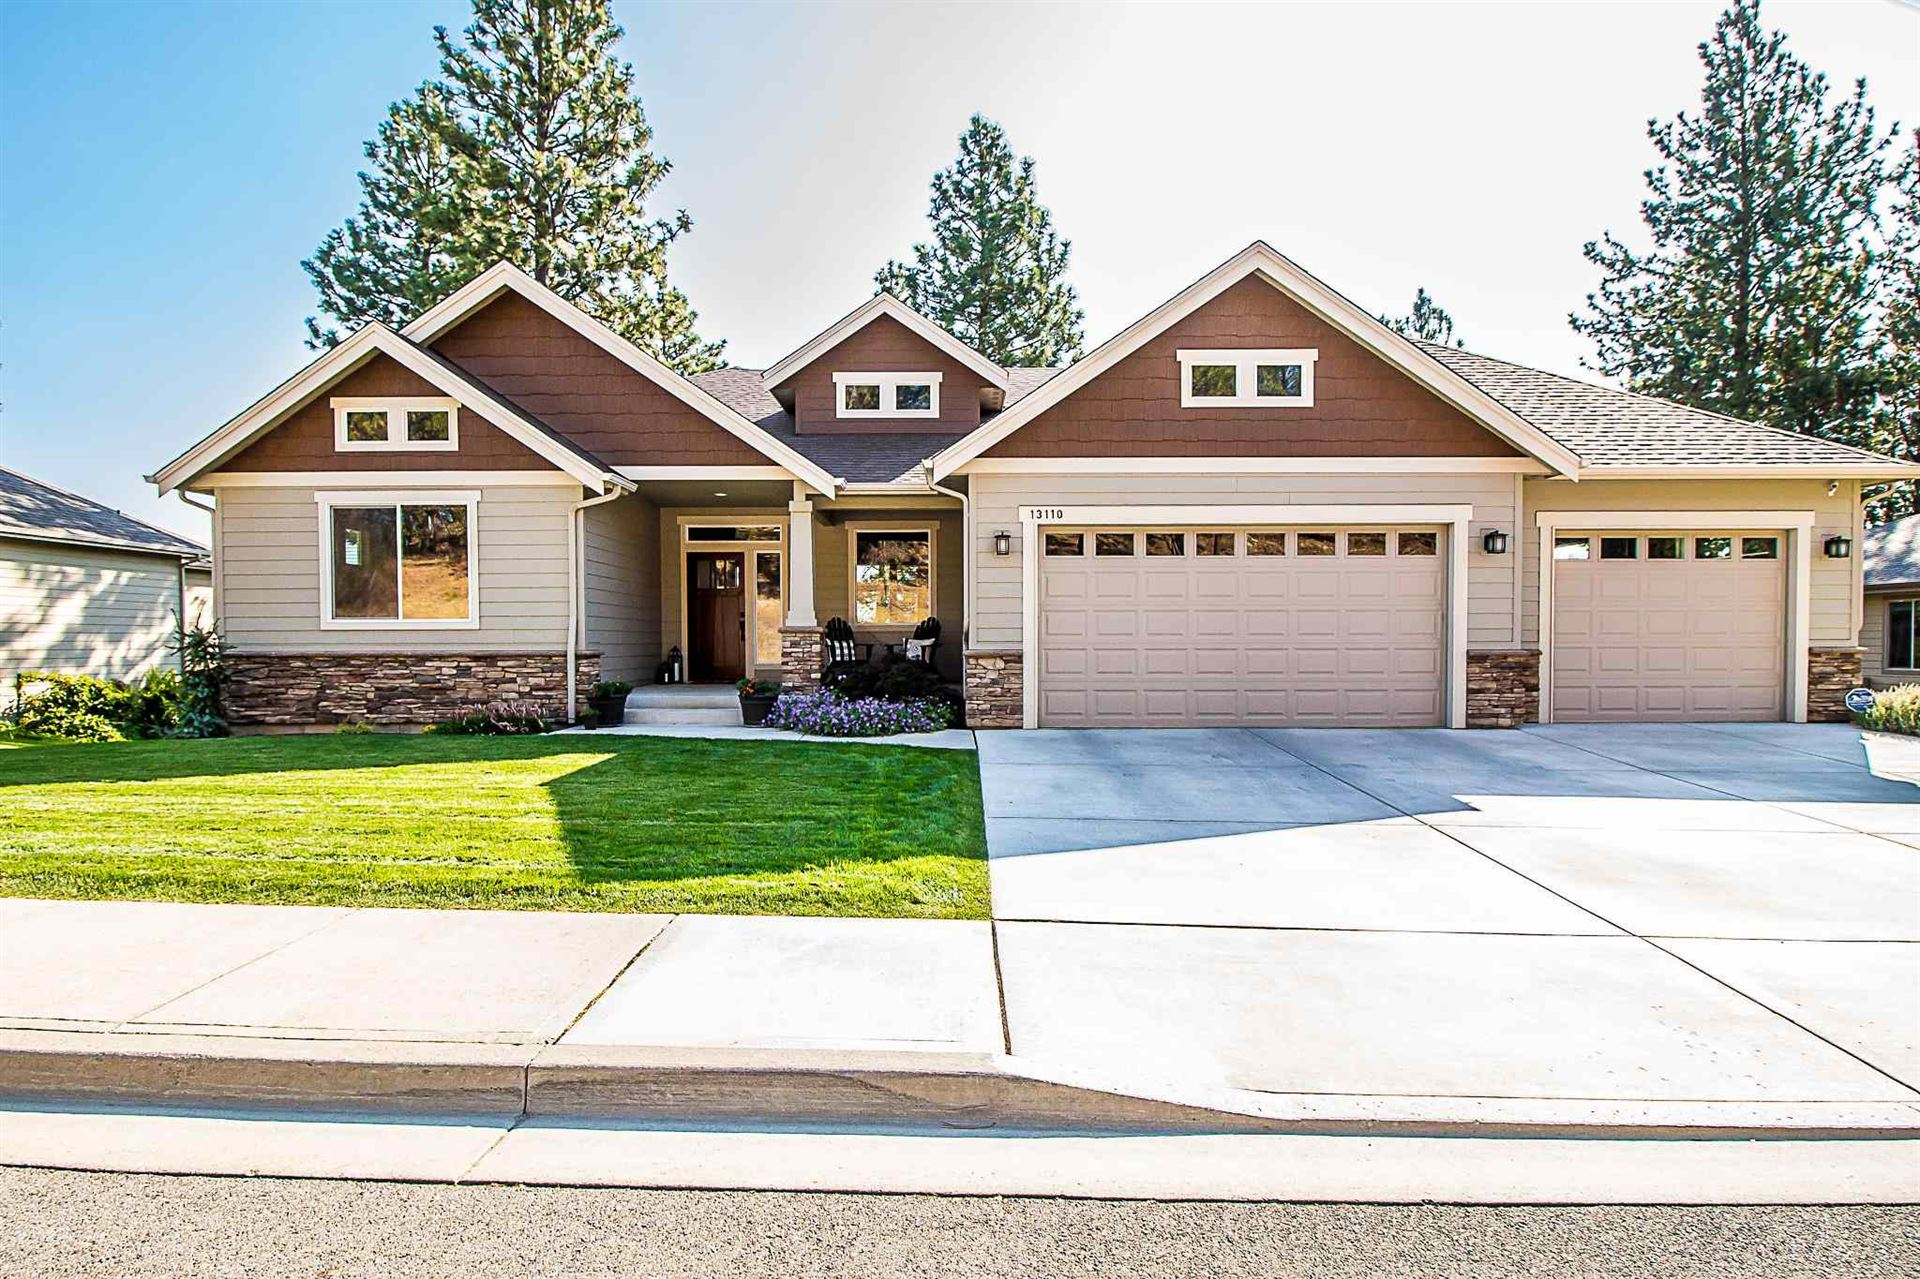 13110 E Copper River Ln, Spokane, WA 99206 - #: 202121632